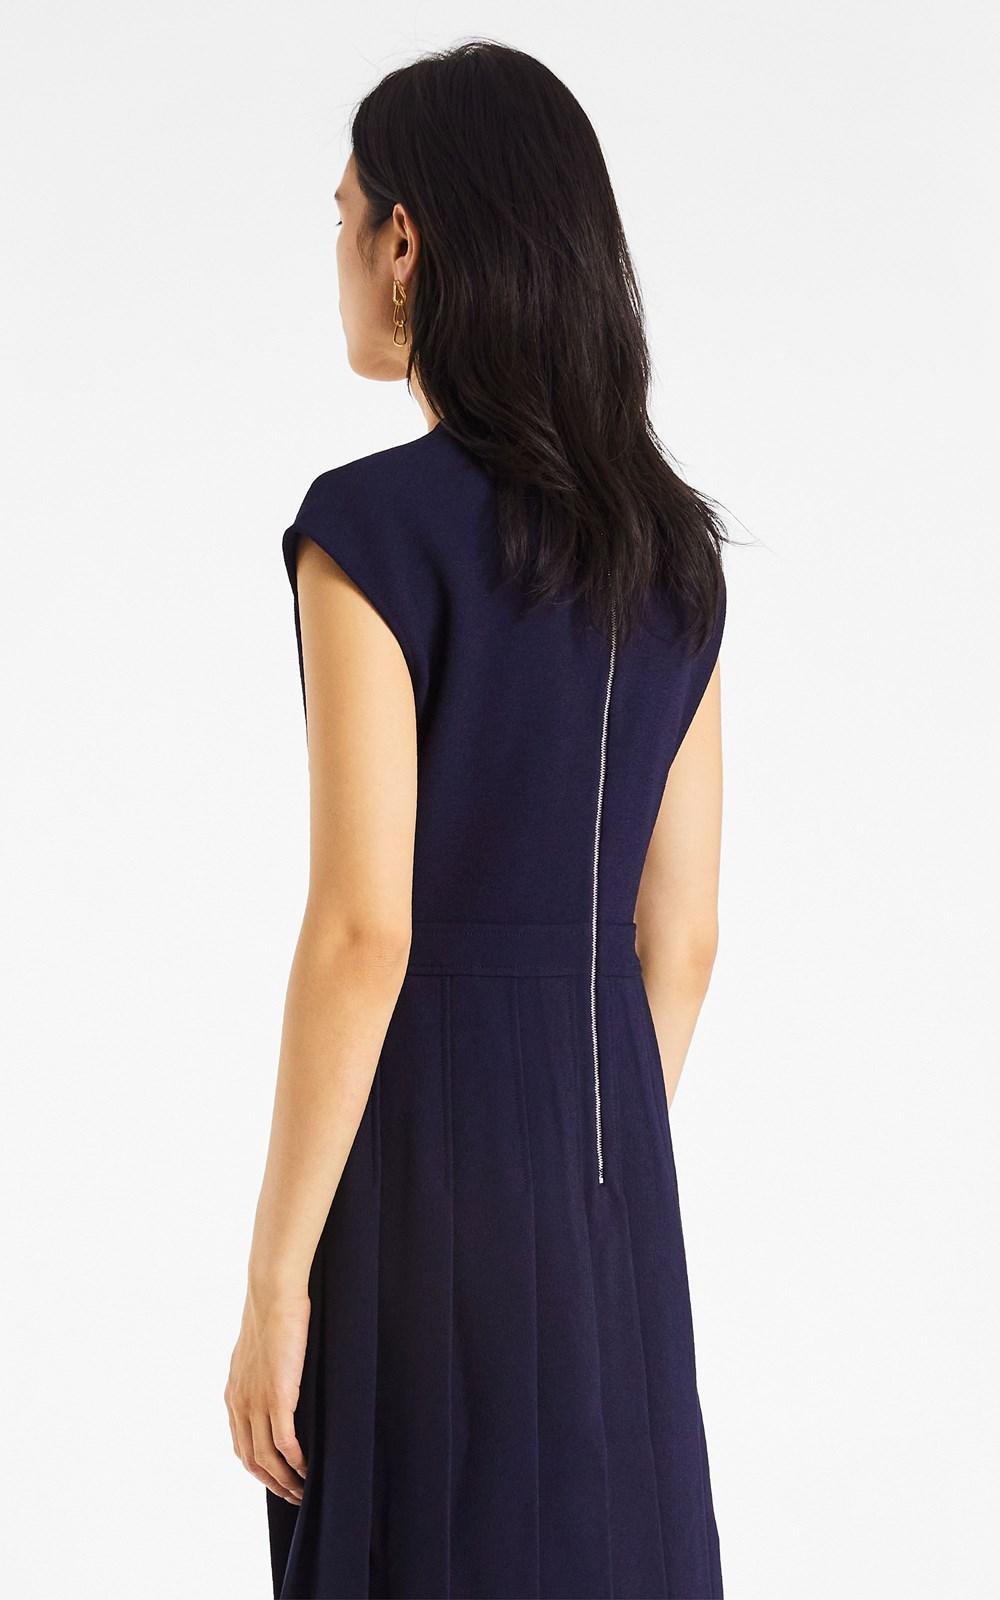 Dresses | COLUMN PLEAT MIDI DRESS